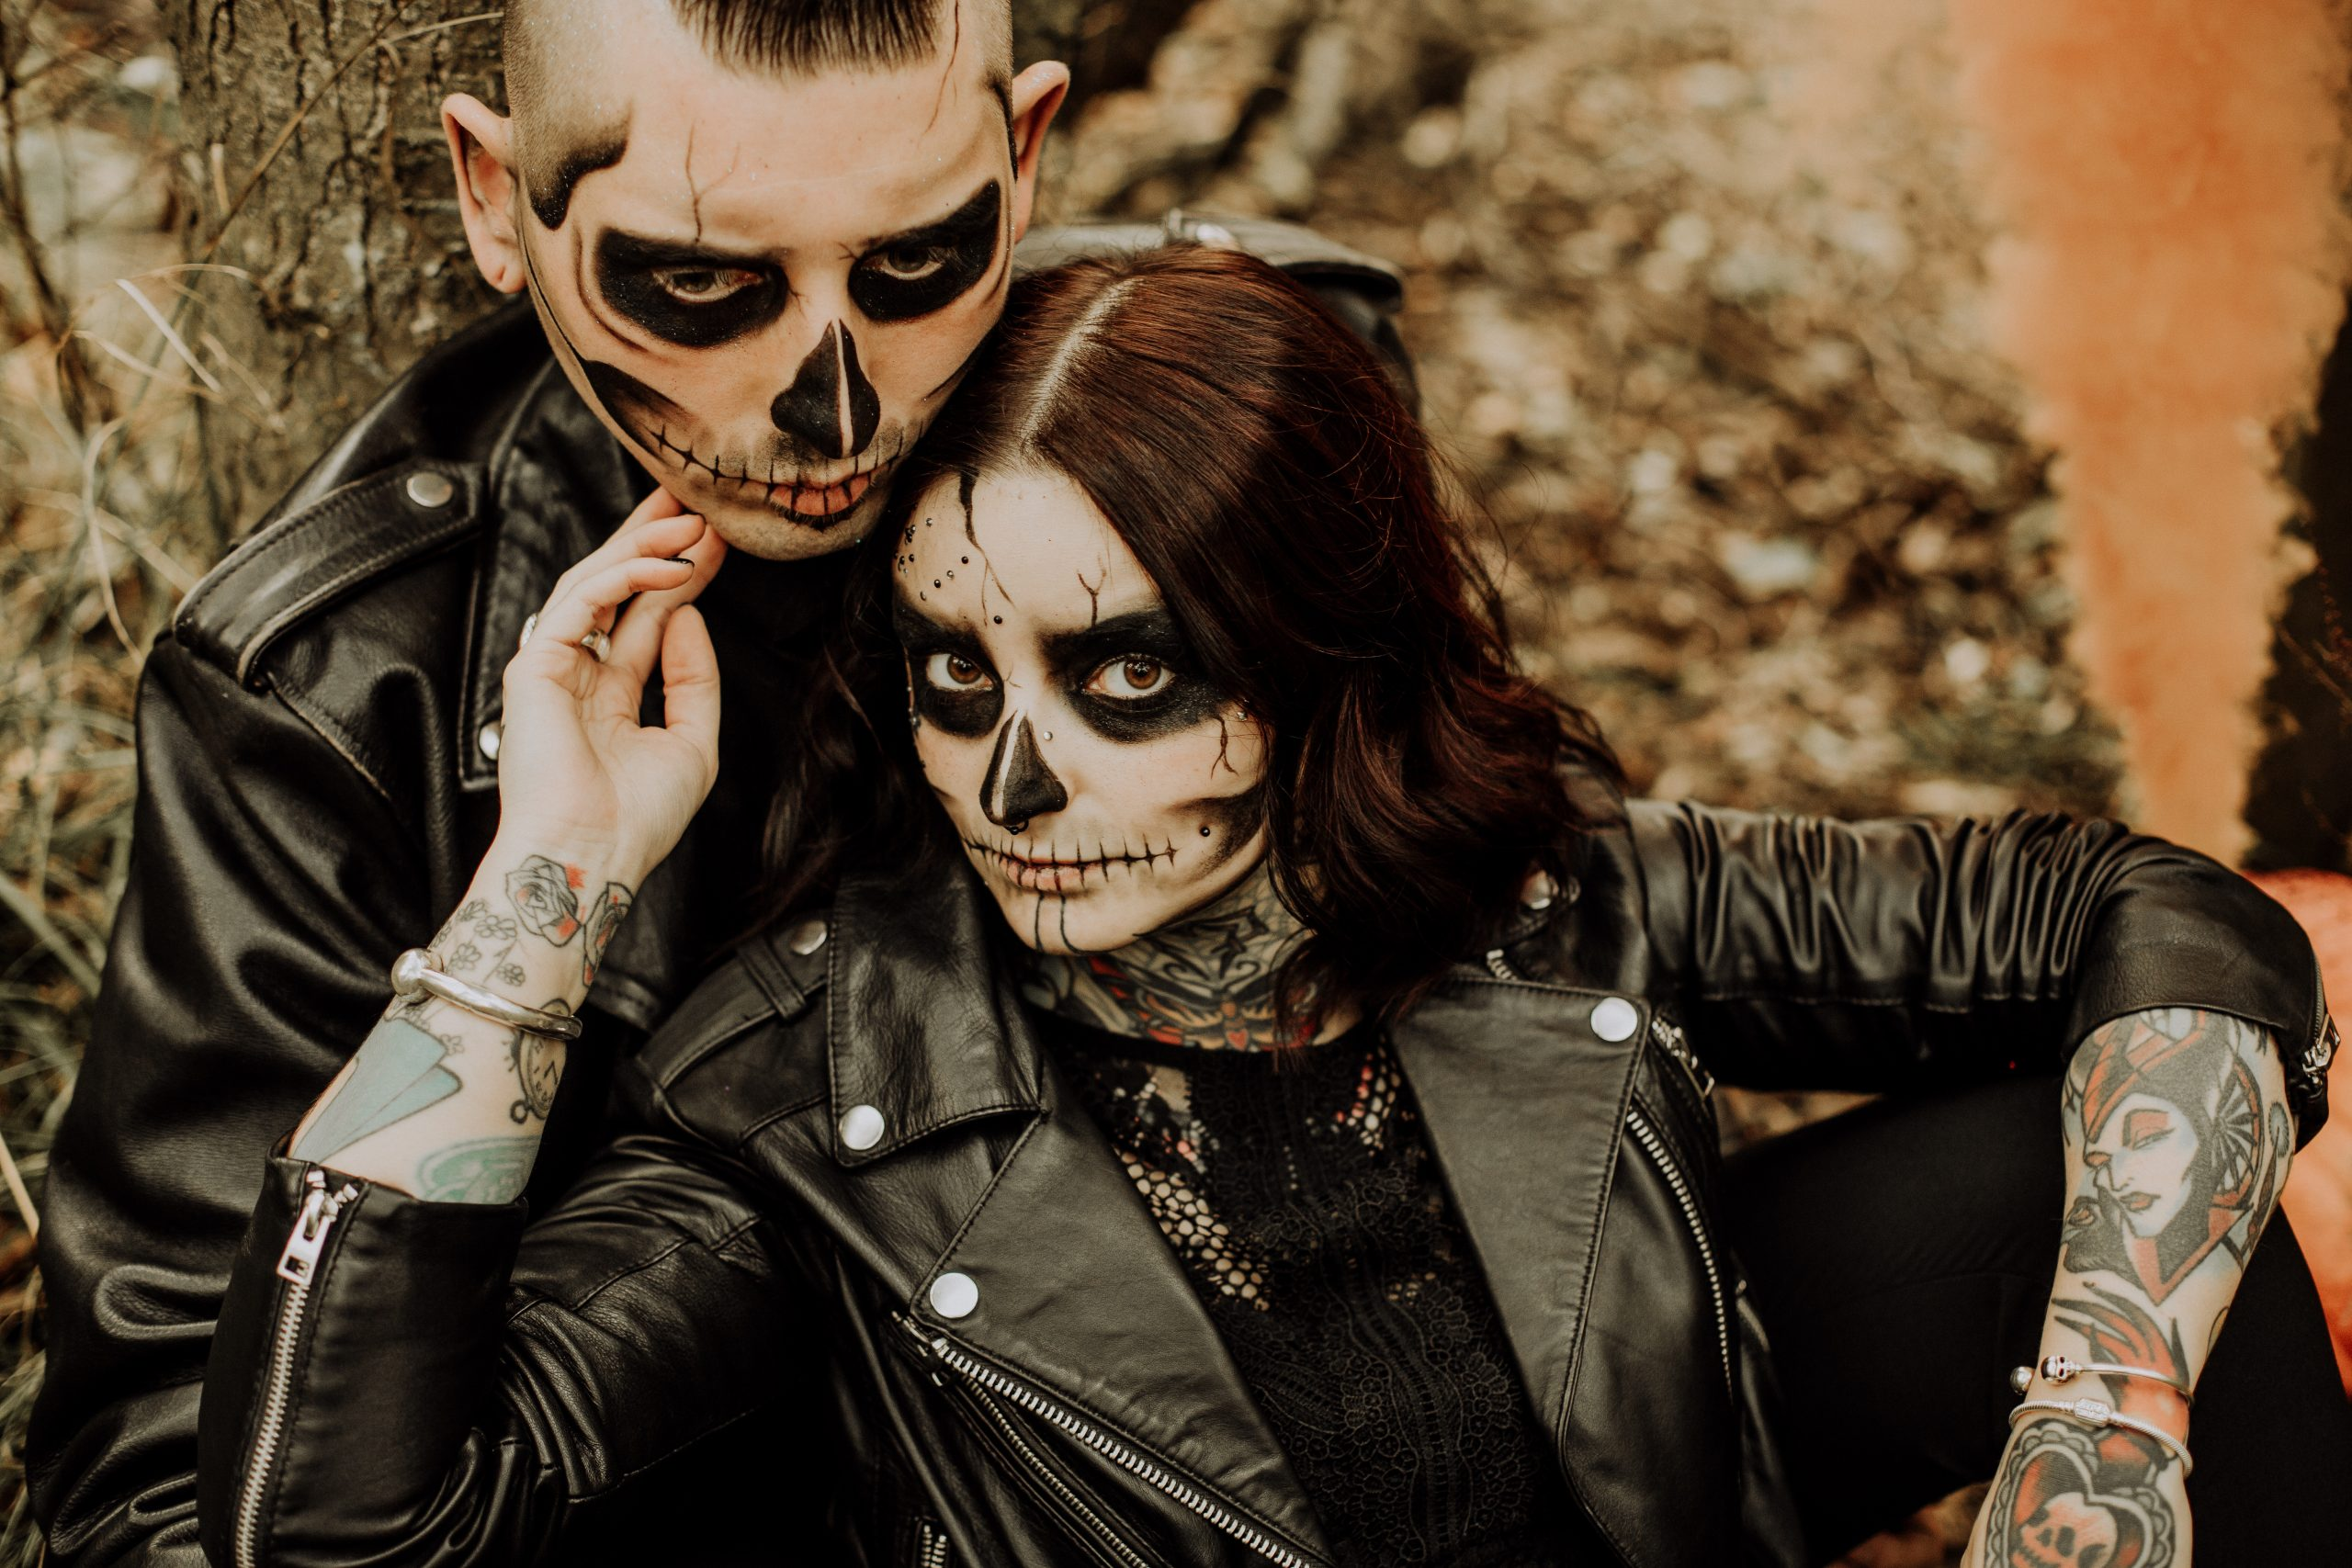 Séance couple tatoué thème Halloween à la forêt de Phalempin dans le Nord avec un maquillage de squelette et fumigène